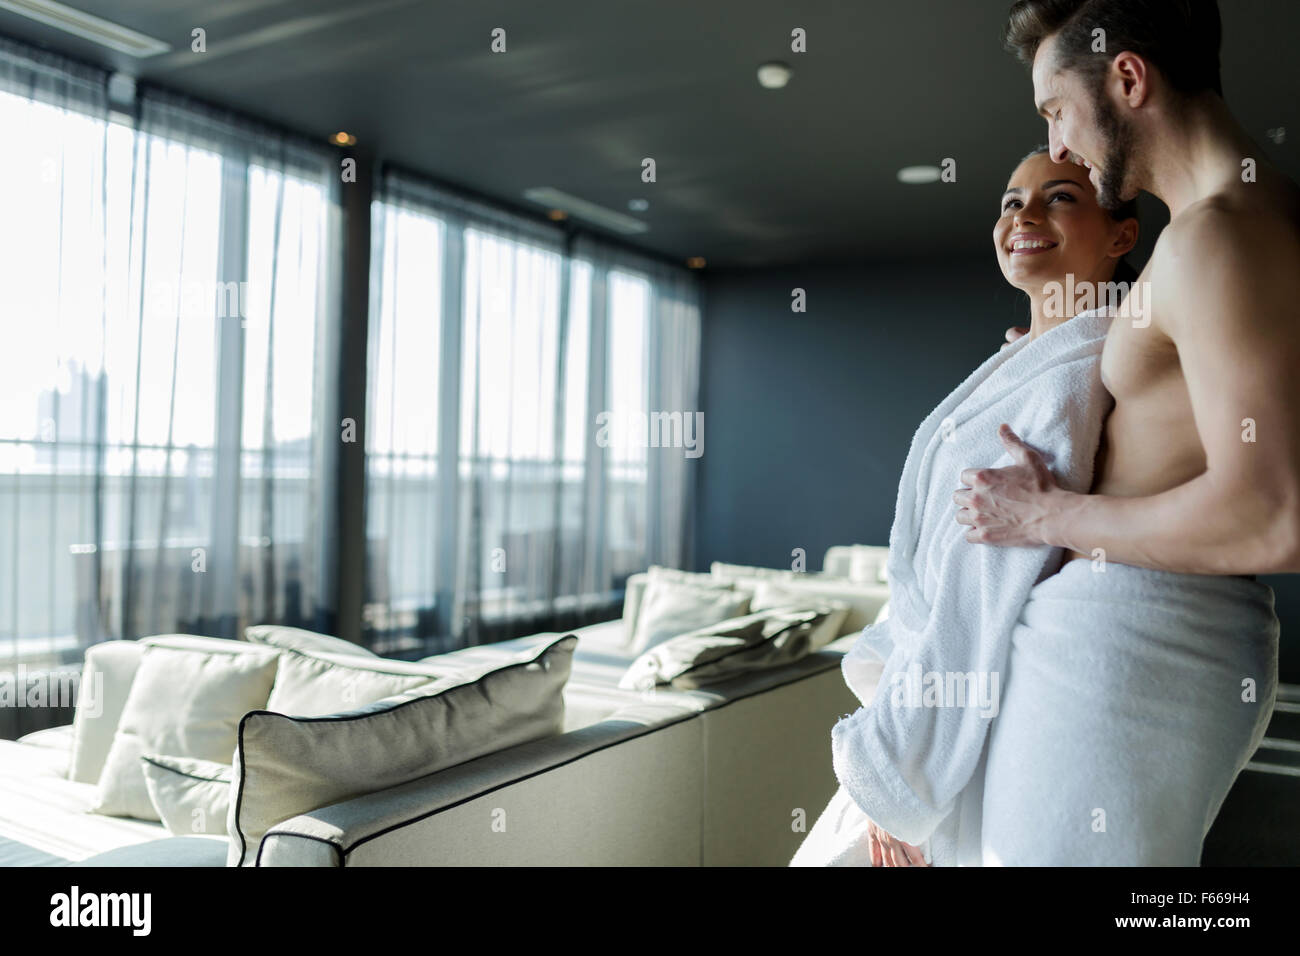 Paar in Liebe entspannen in einem Wellness-Hotel mit einem wunderschönen Panoramablick Stockbild